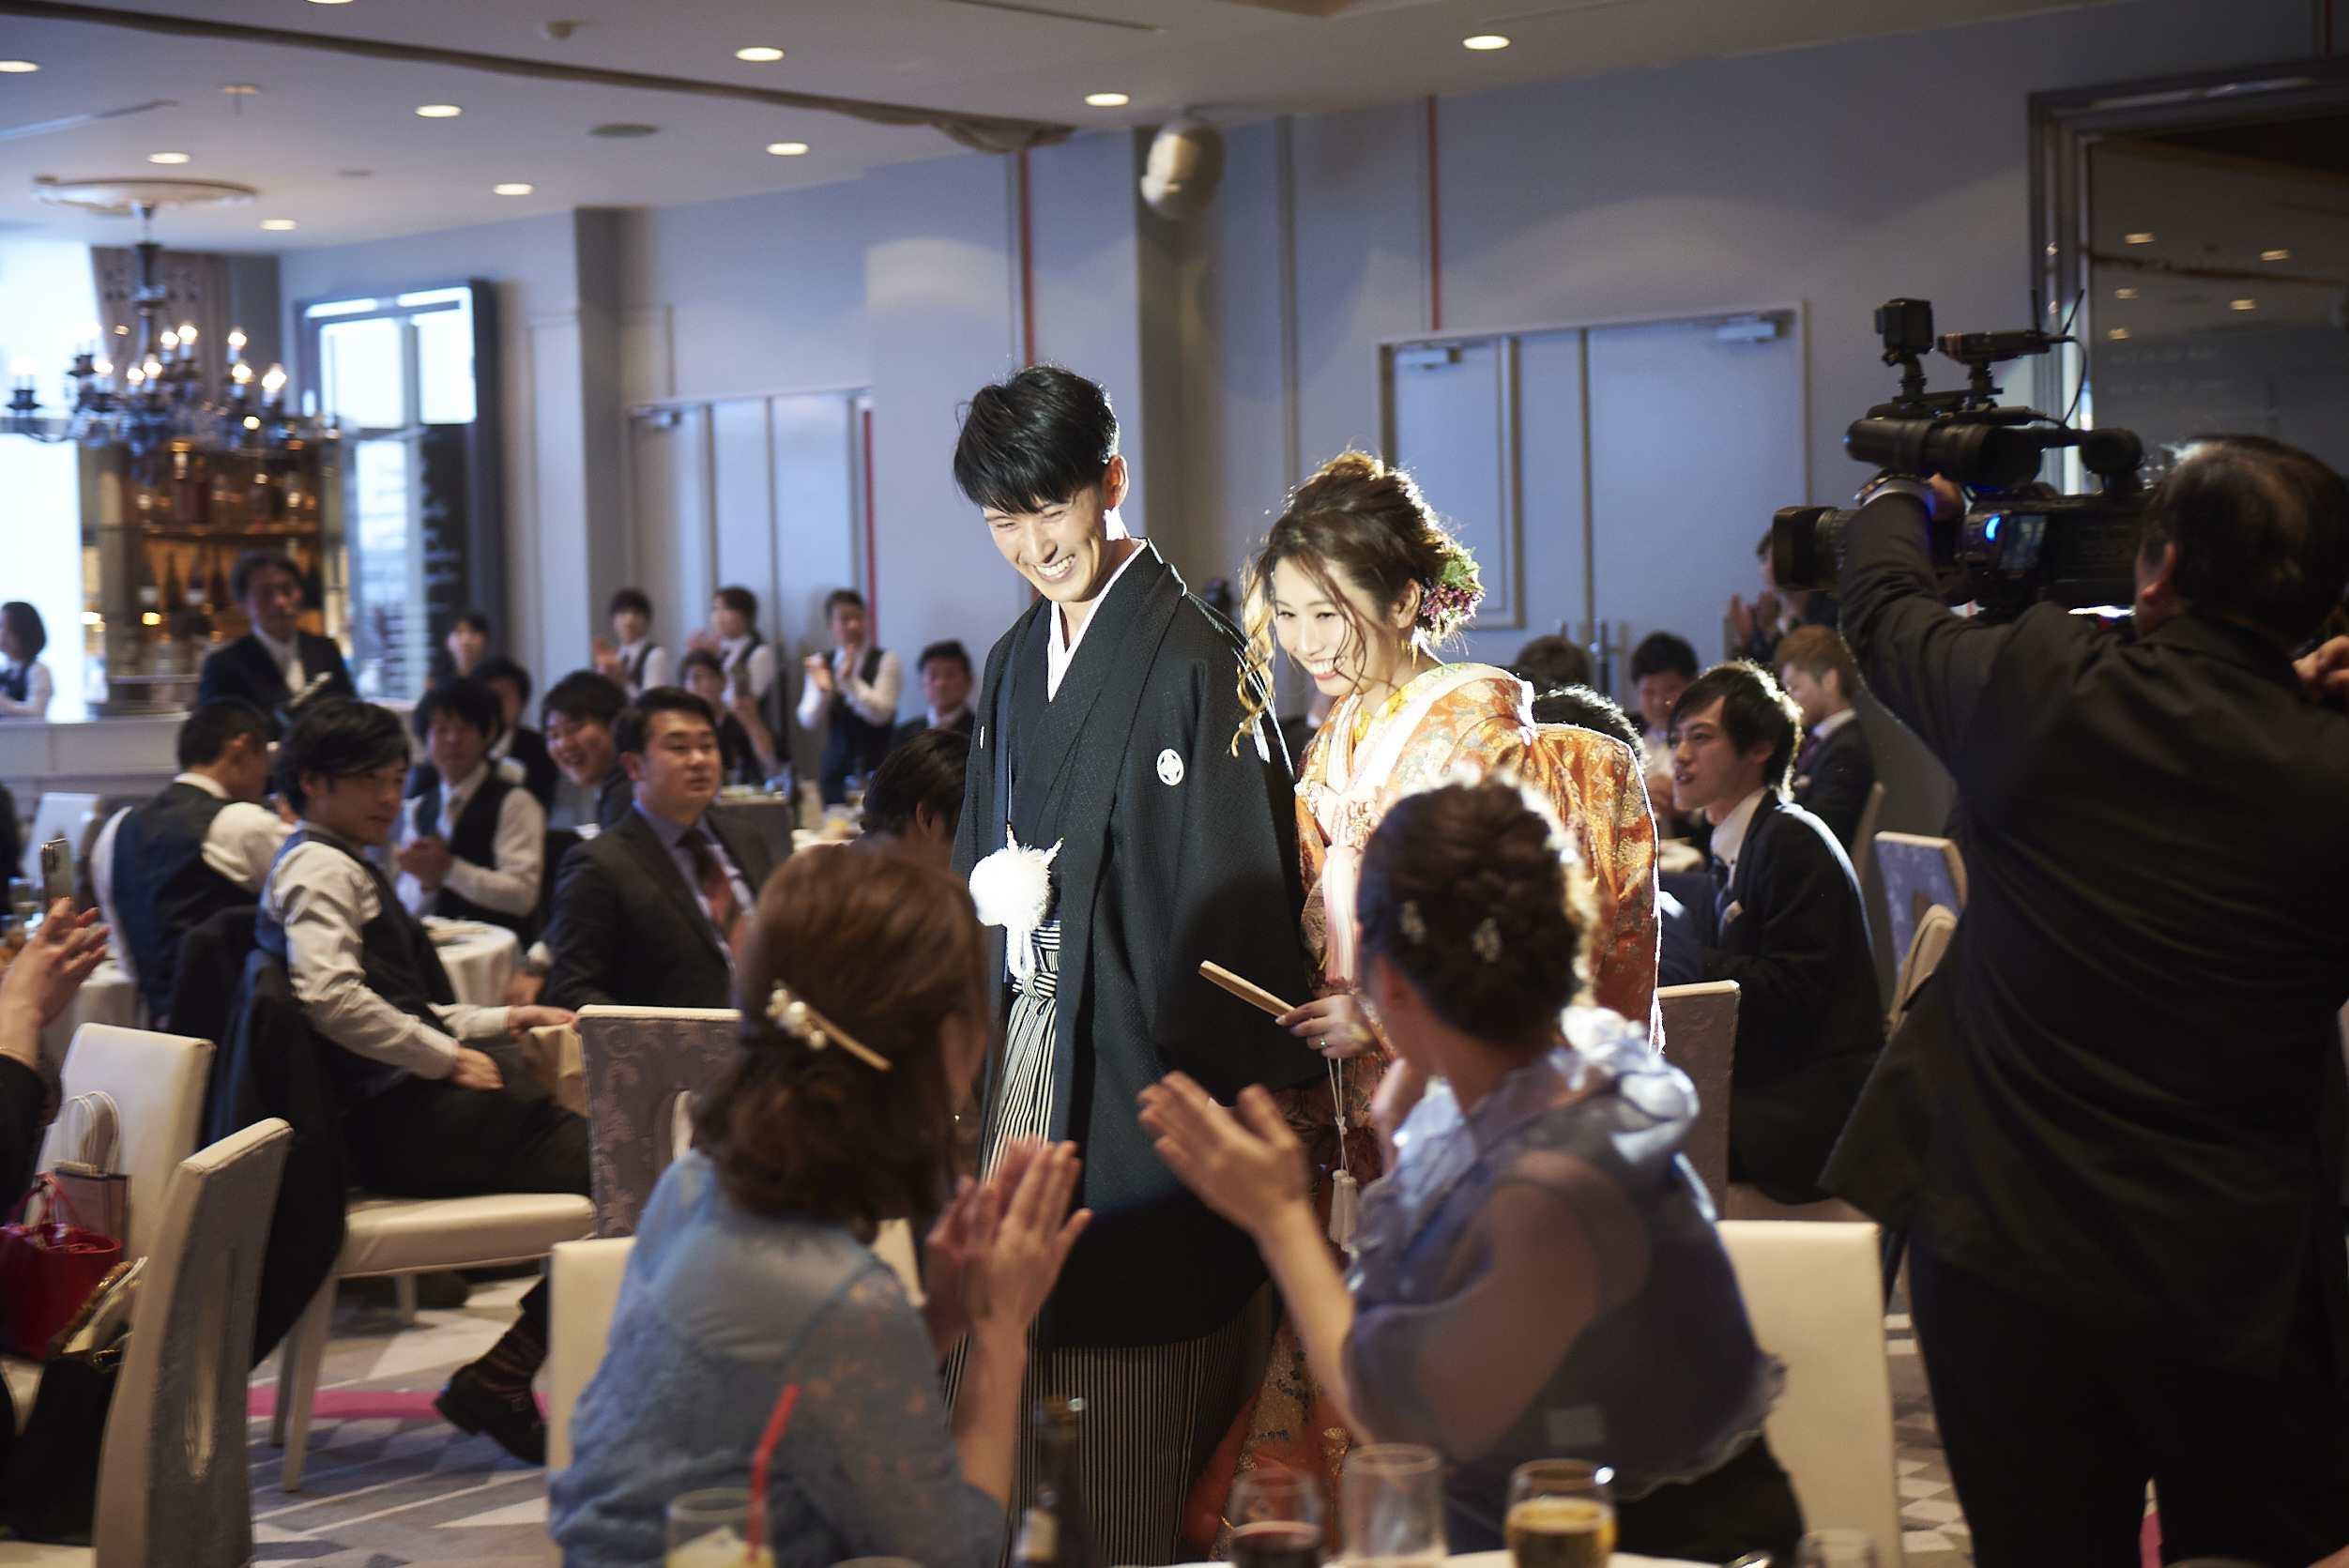 徳島市の結婚式場ブランアンジュで和装姿でお色直し入場する新郎新婦様